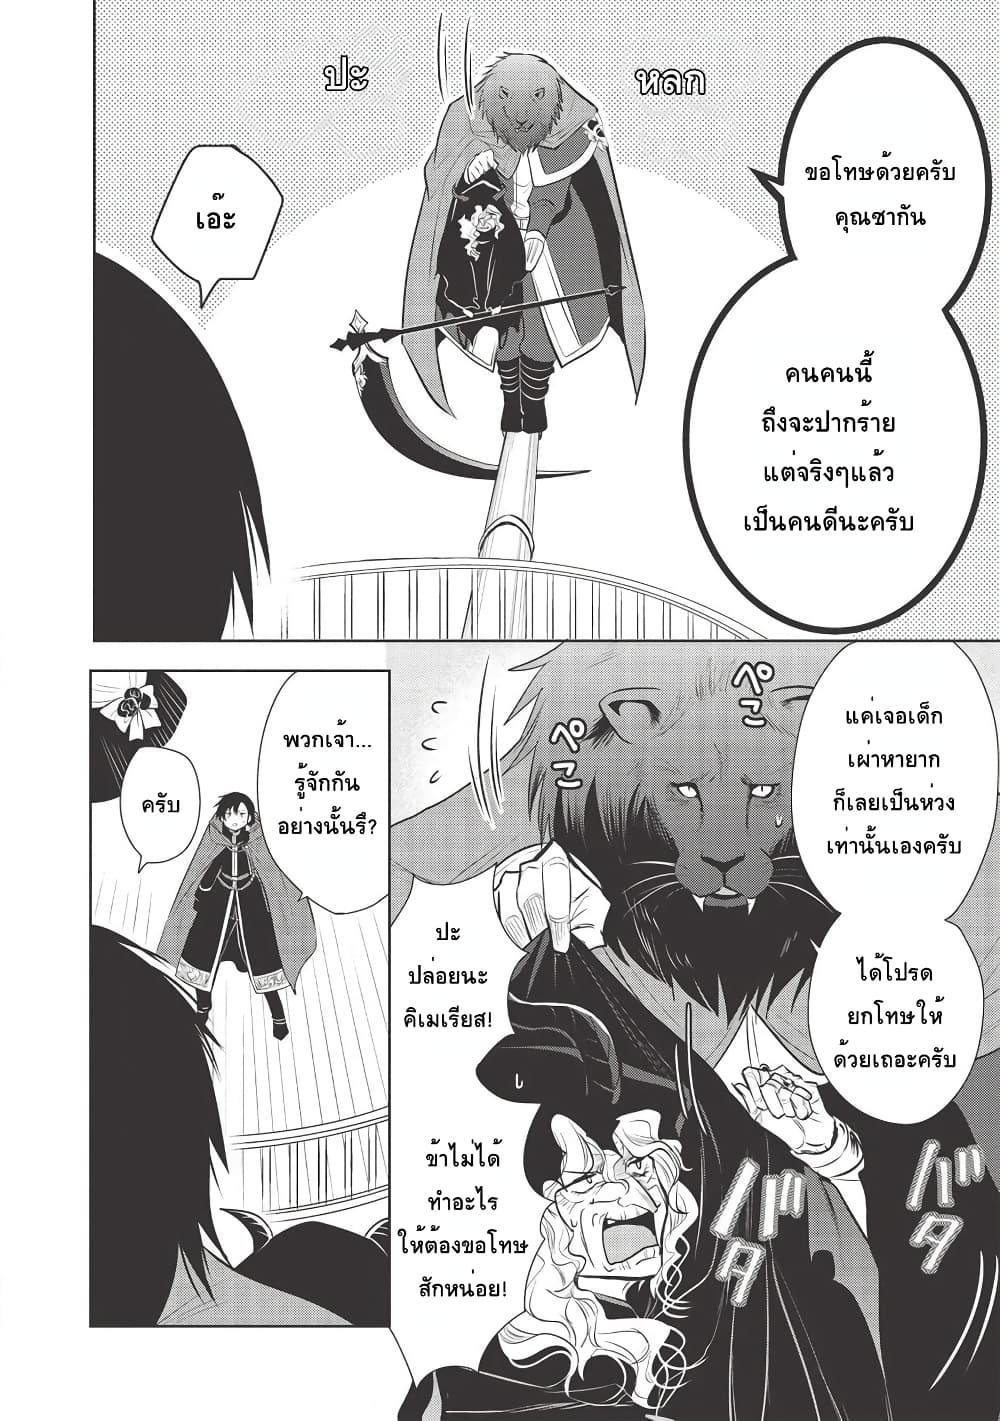 อ่านการ์ตูน Maou no Ore ga Dorei Elf wo Yome ni Shitanda ga Dou Medereba Ii ตอนที่ 28 หน้าที่ 26